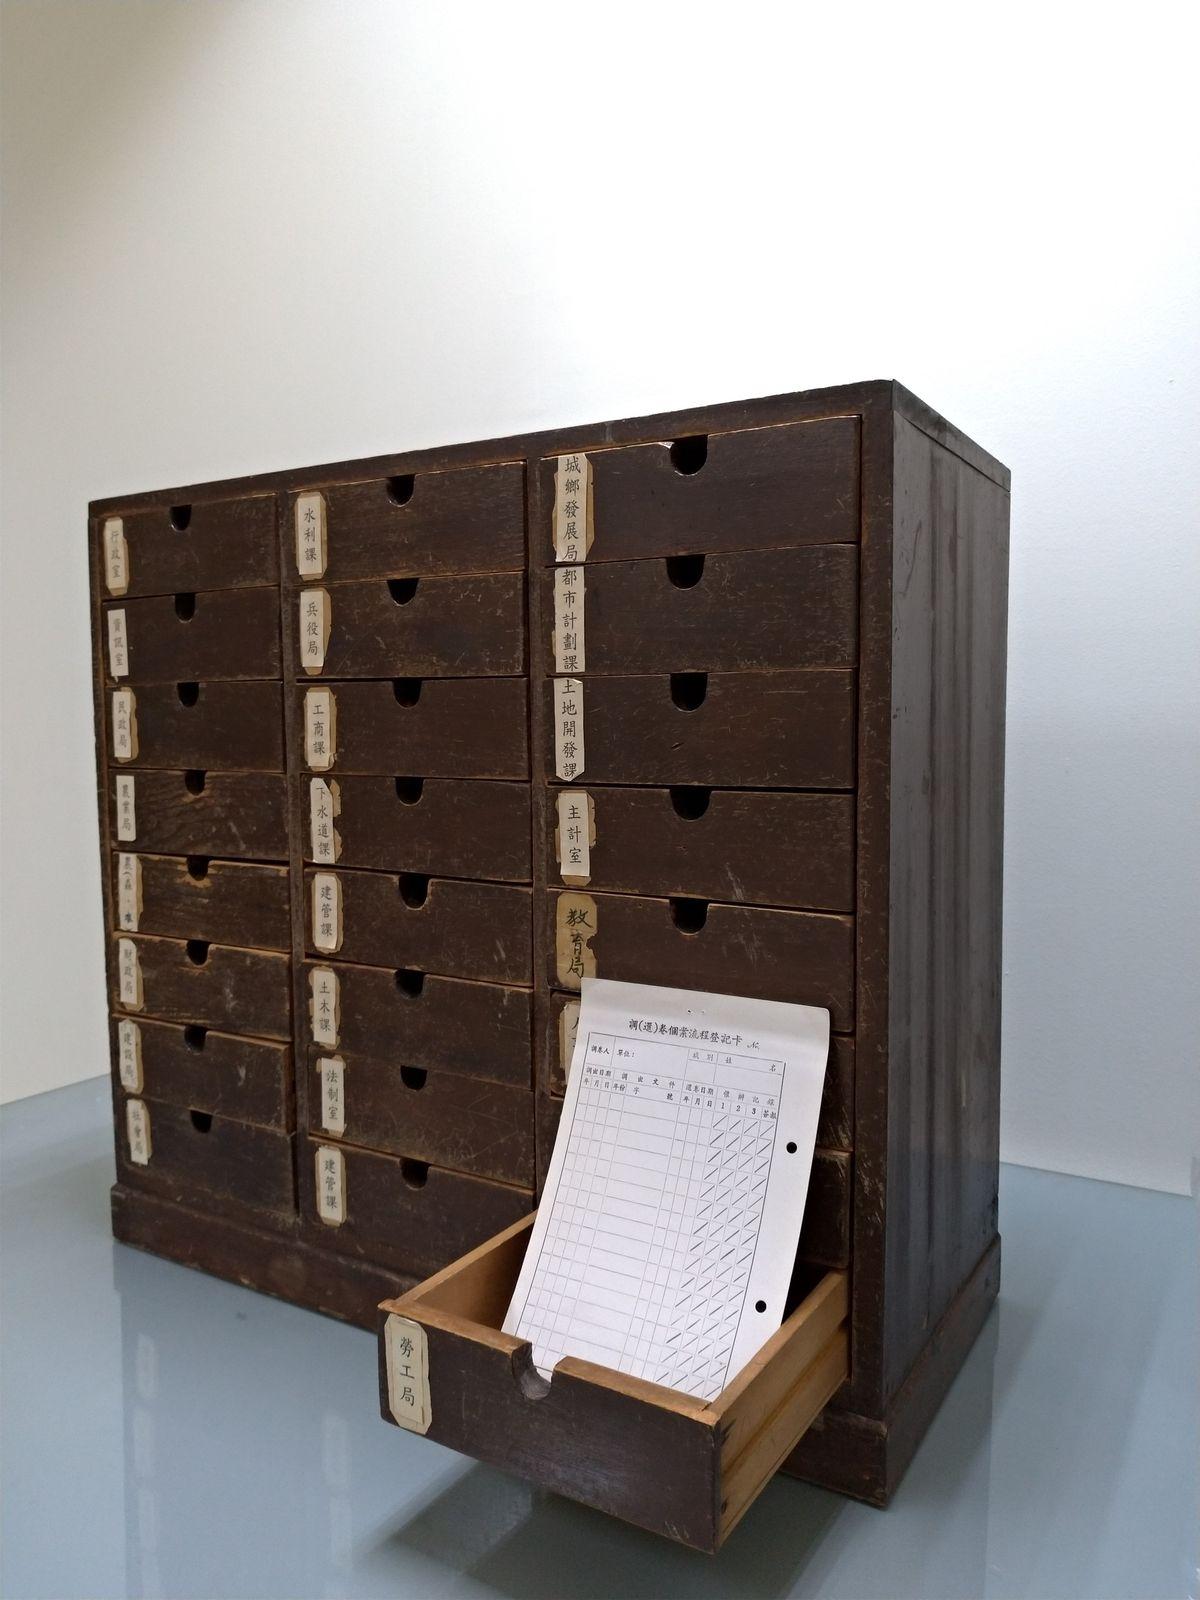 老物欣力-檔案調還卷管理箱